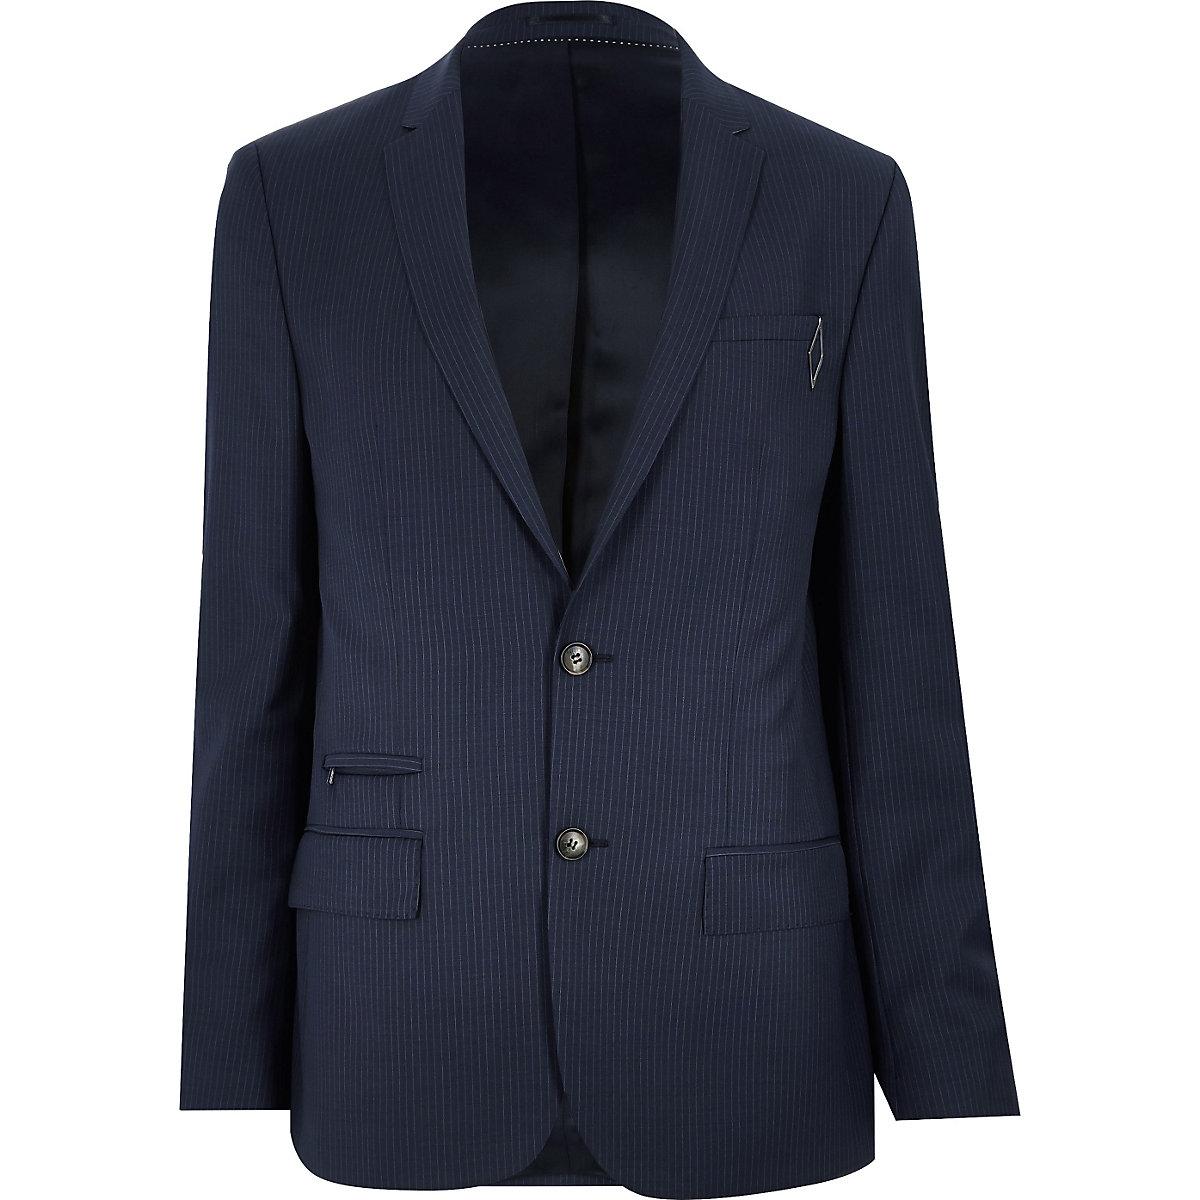 Blaue schmale Jacke mit Nadelstreifen